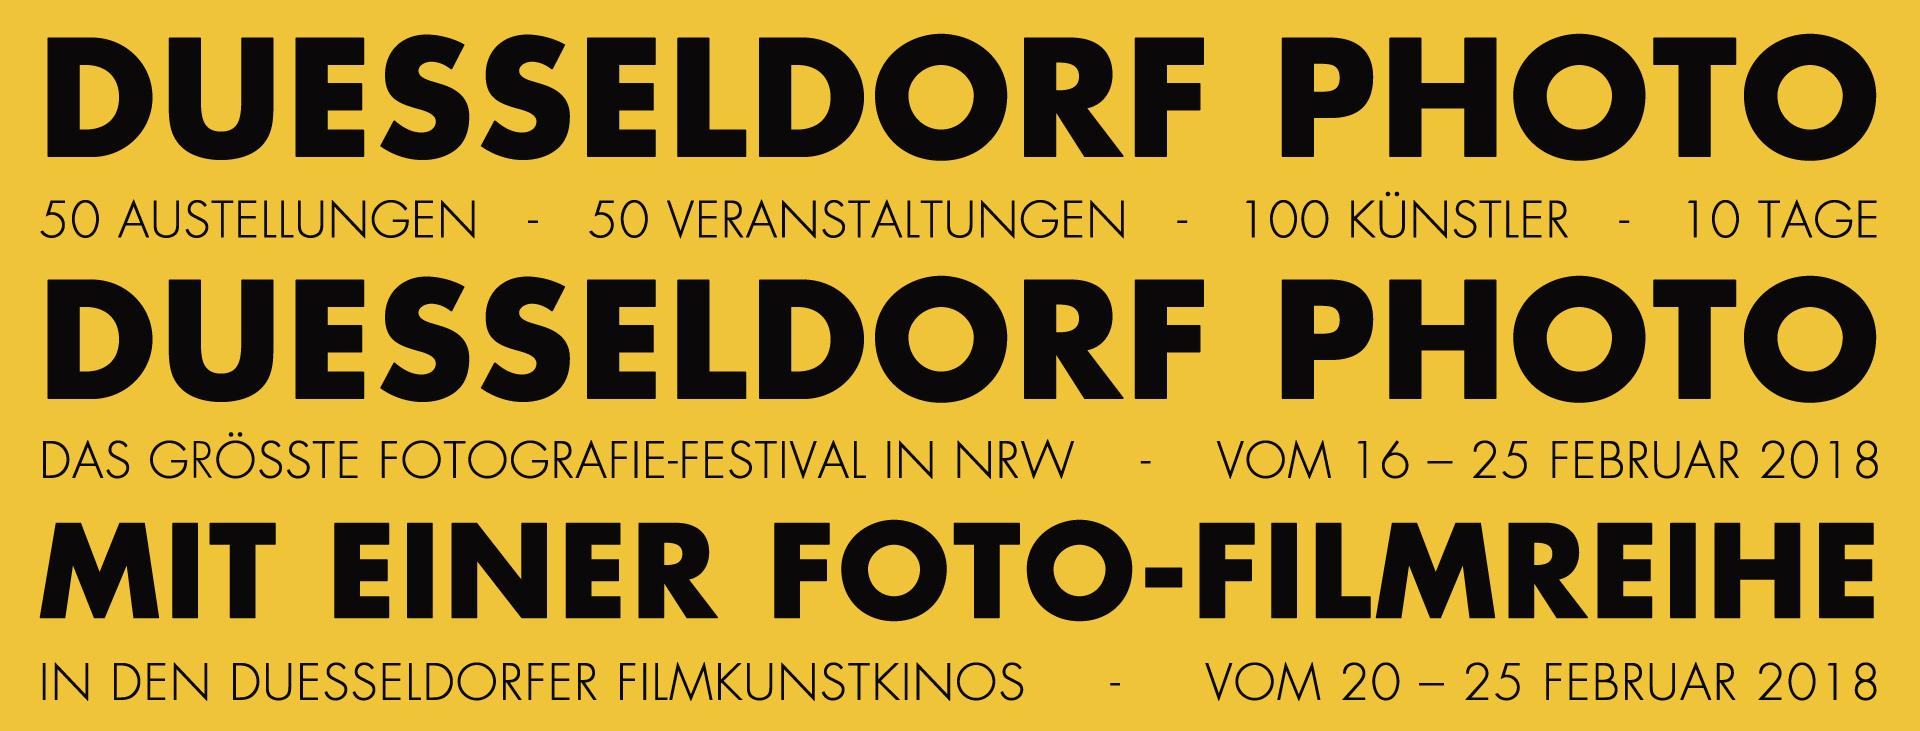 Eine Foto-Filmreihe in den Filmkunstkinos